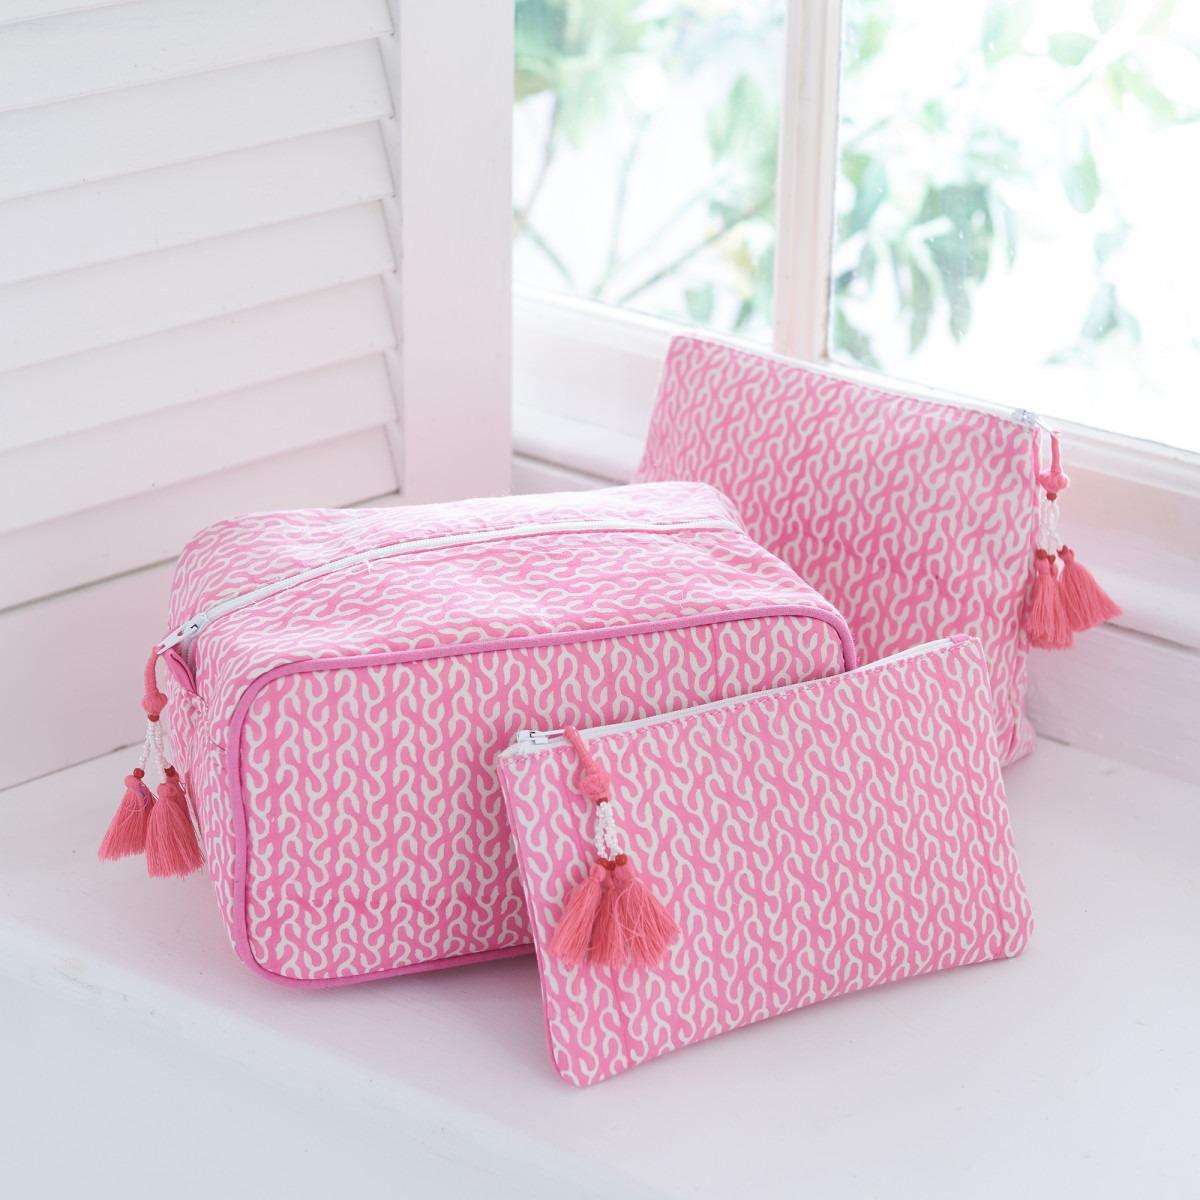 Pink Vine Block Printed Washbags